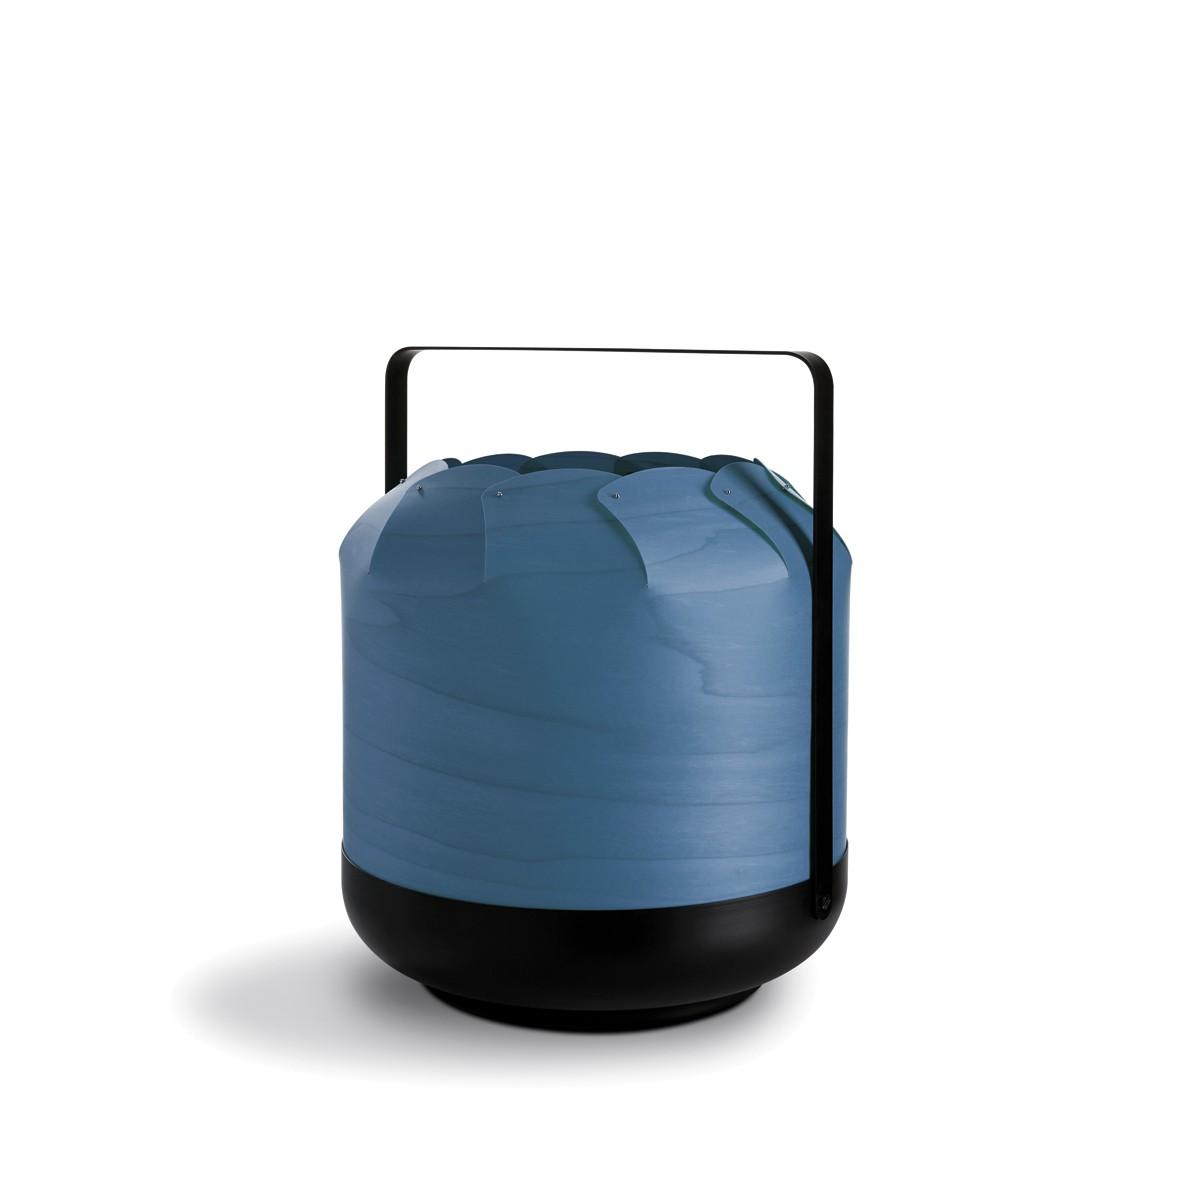 LZF Lamps Chou Short Tischleuchte, blau